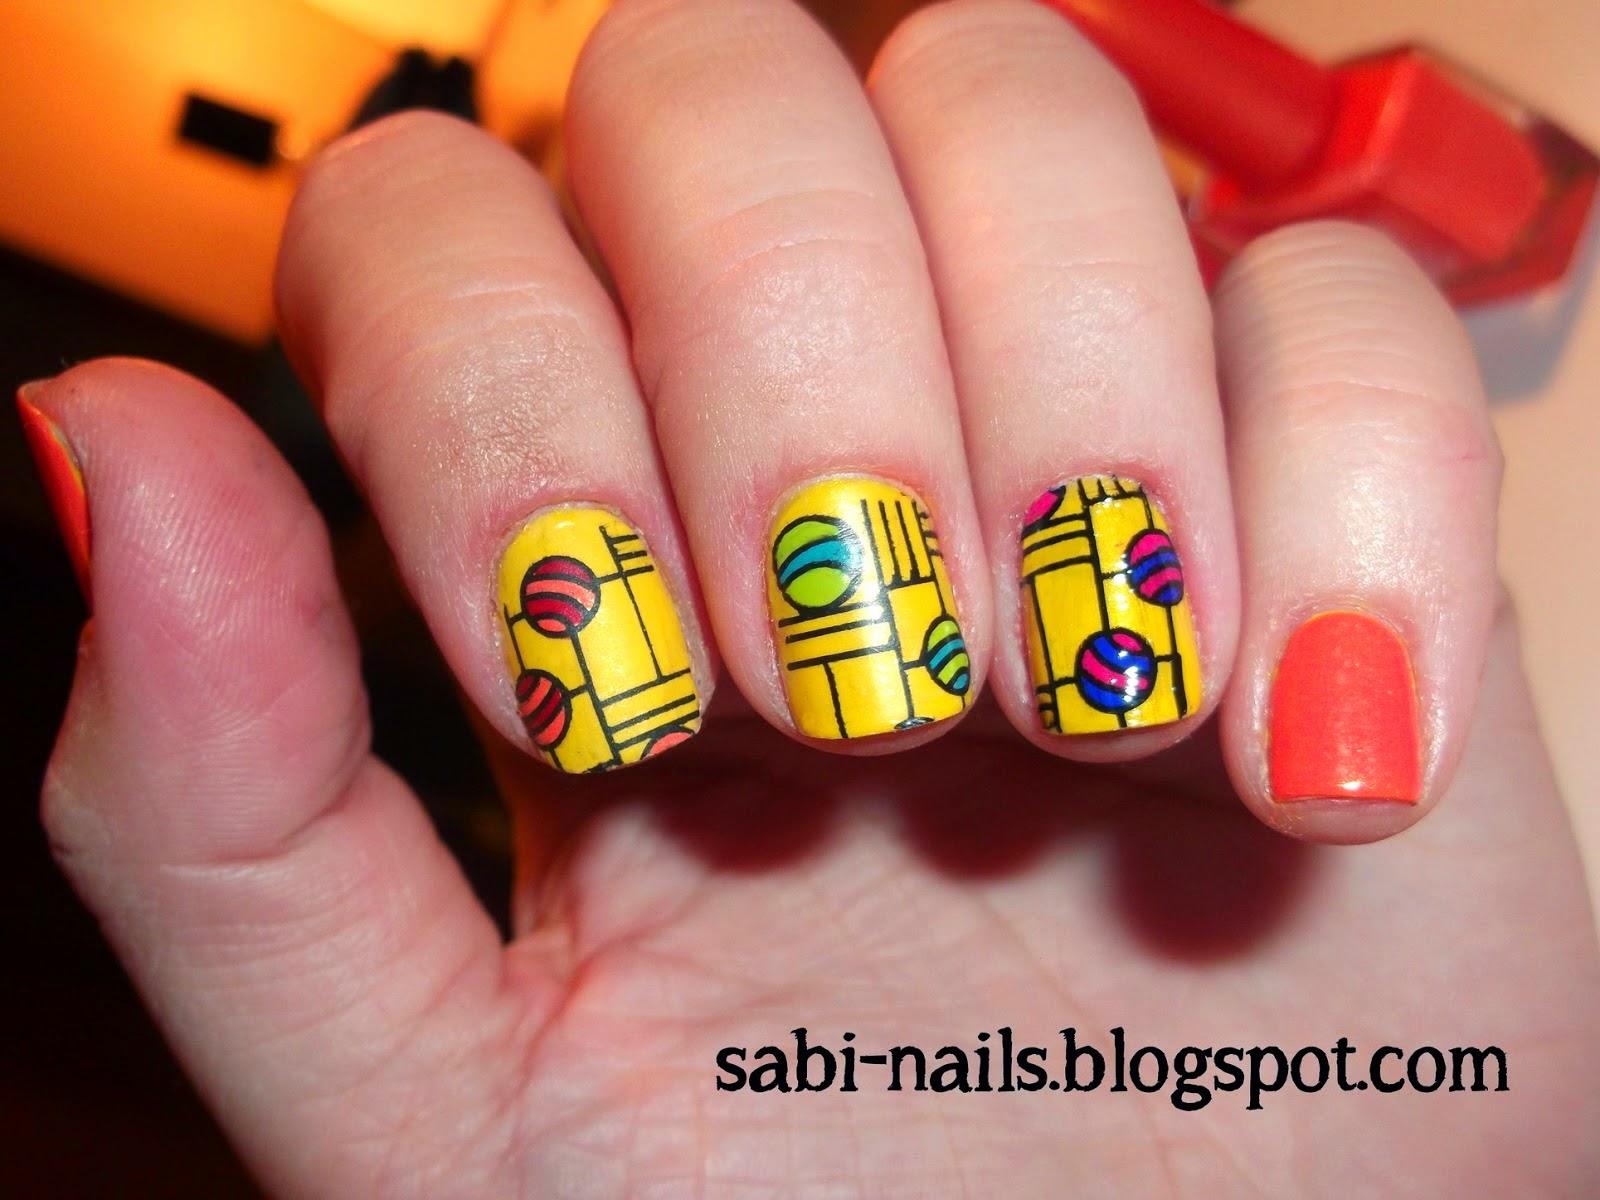 http://sabi-nails.blogspot.com/2014/03/kolorowe-piki.html